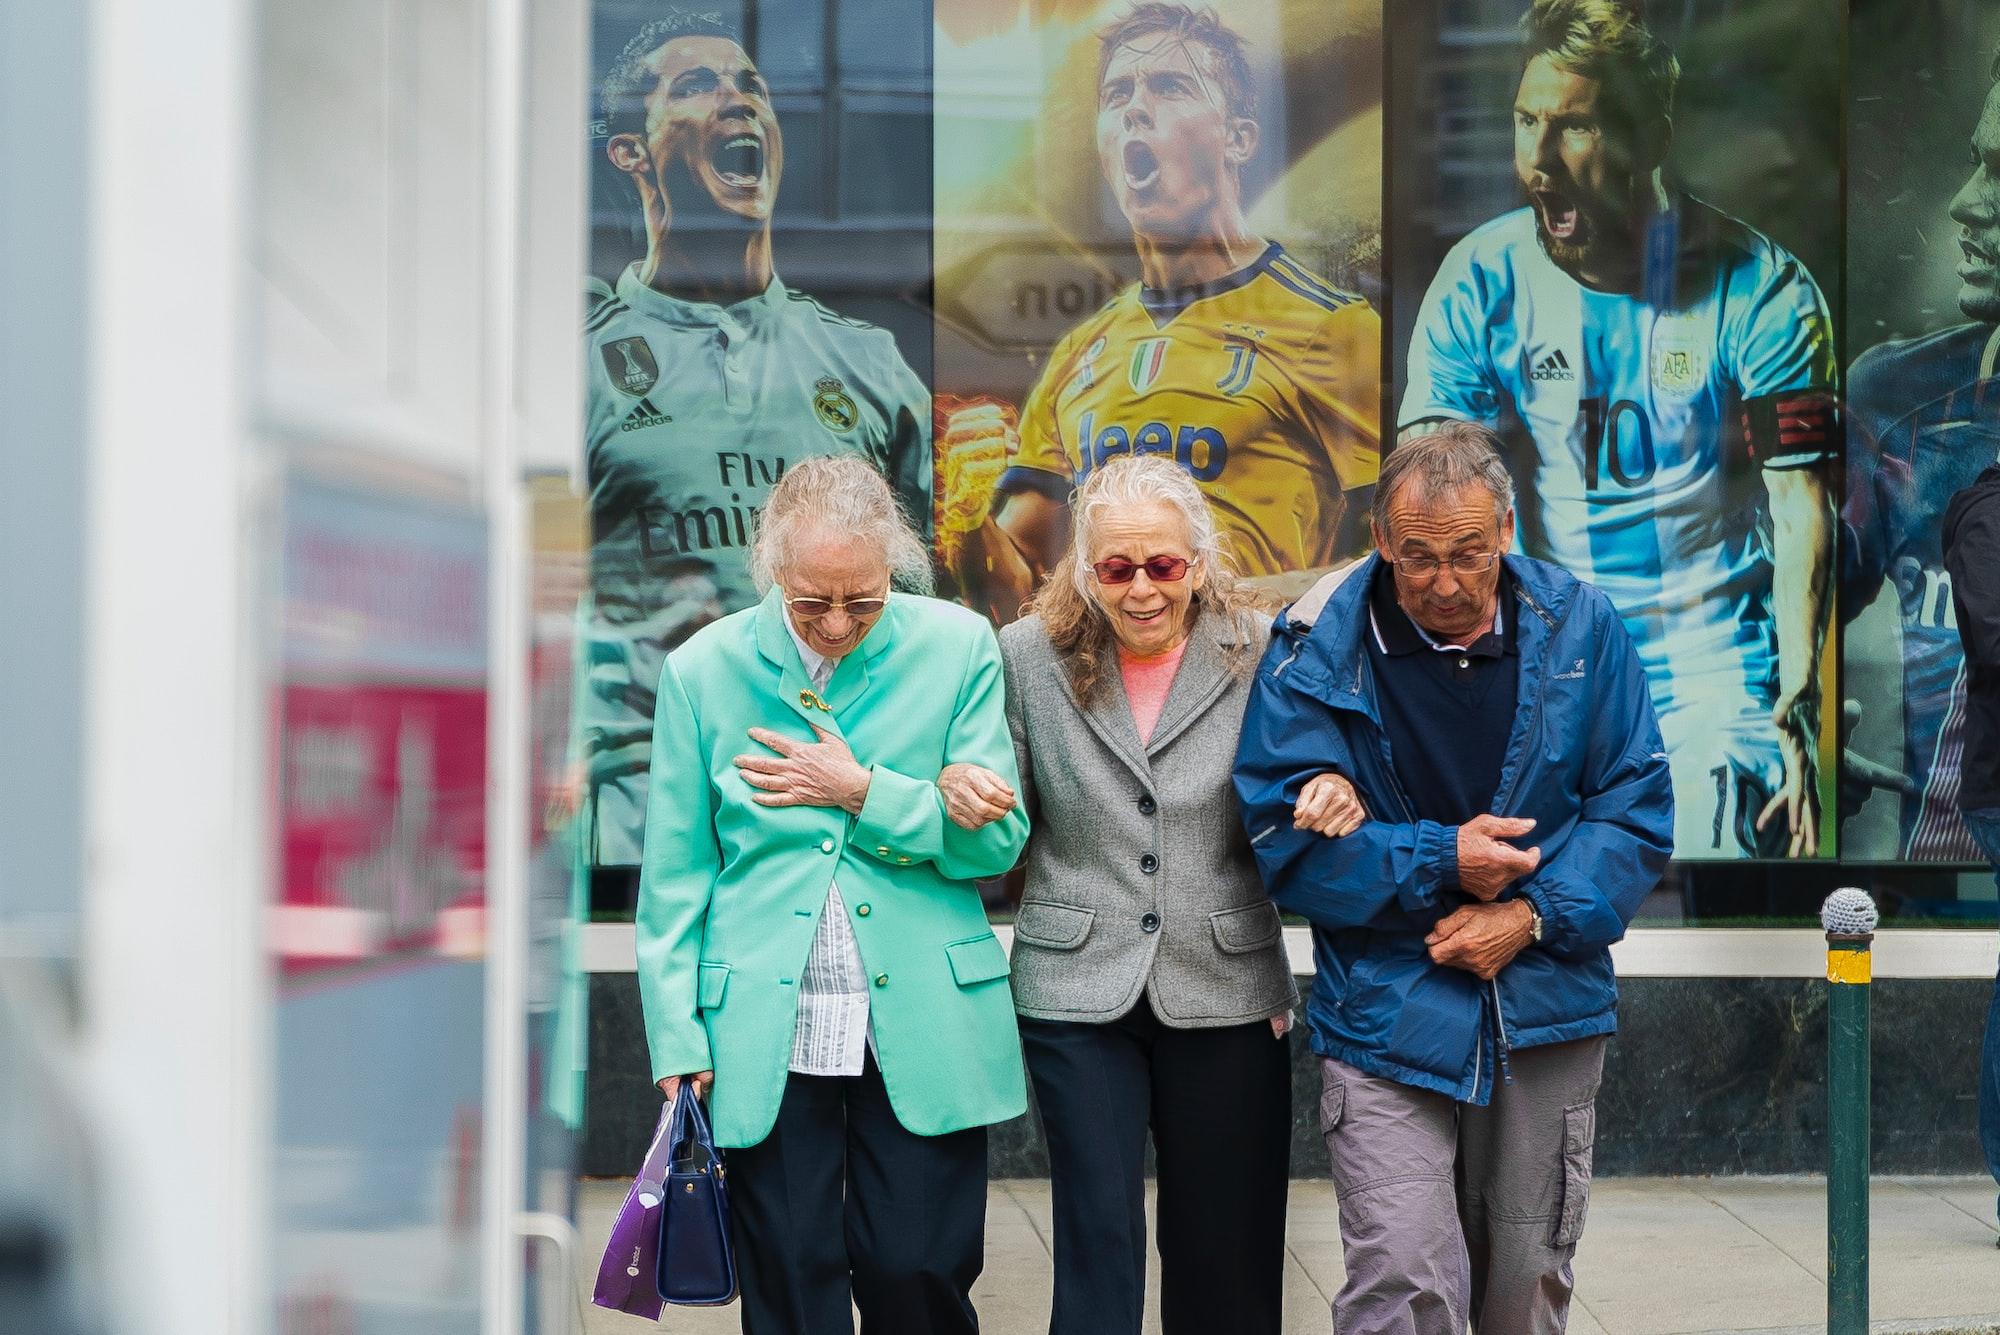 Pronostici Copa America 2021, le partite e le quote vincenti